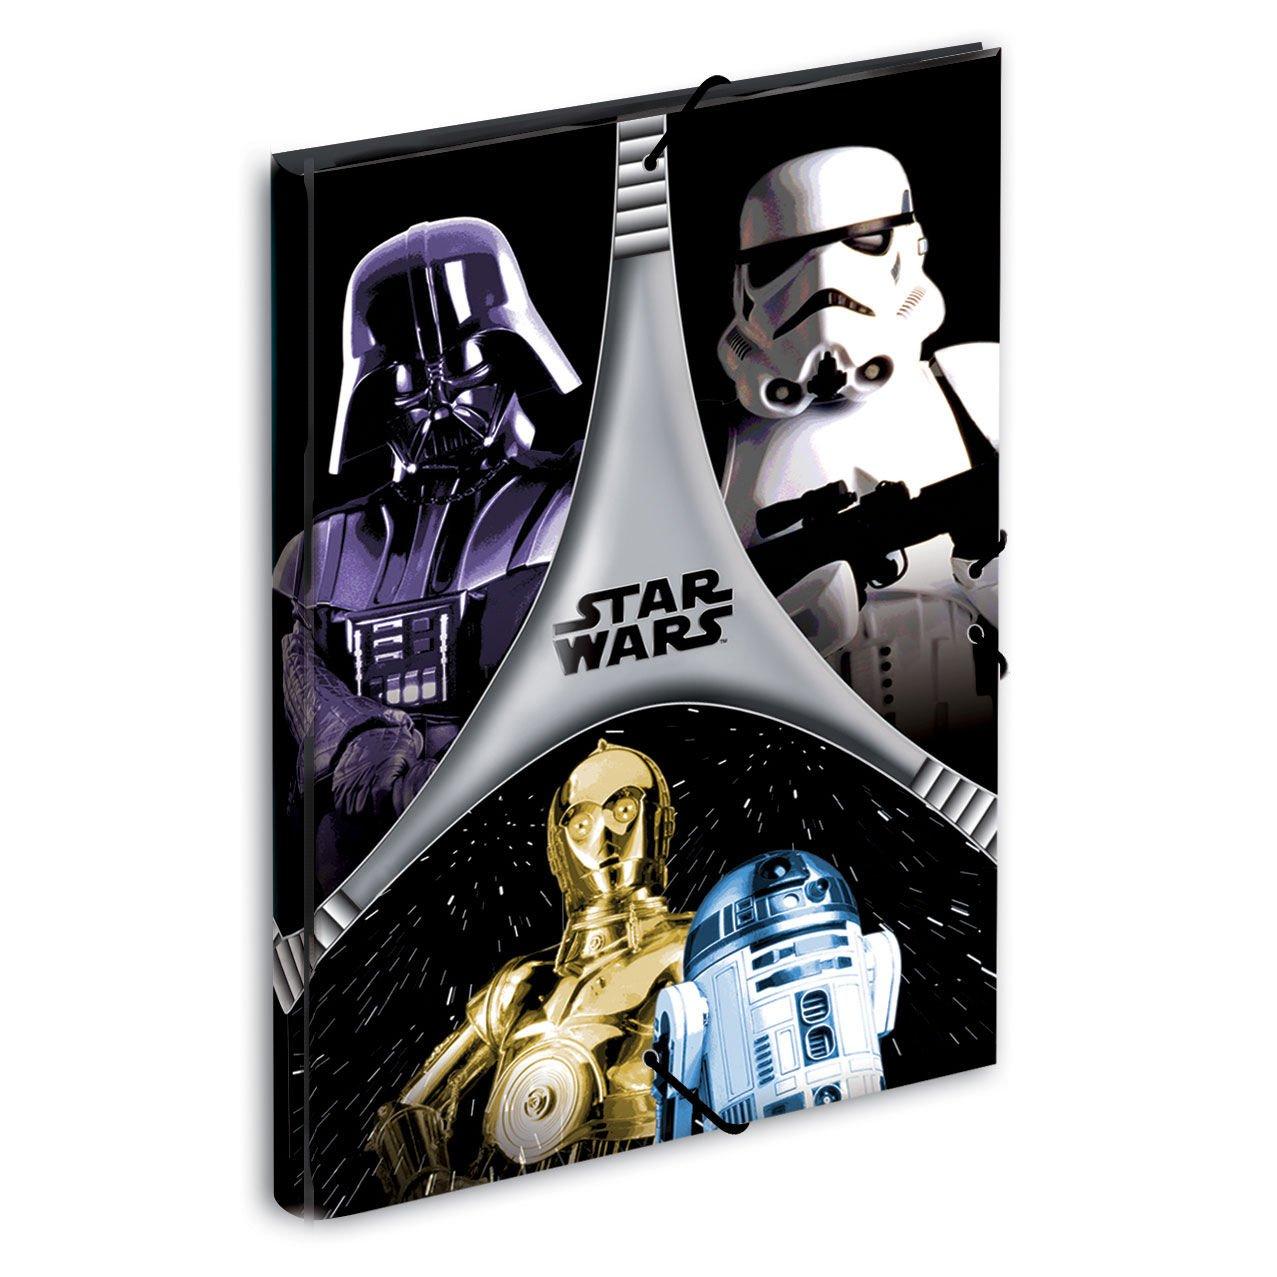 Star Wars - Carpeta gomas, color negro y gris (Montichelvo 40725) archivador galaxias guerra